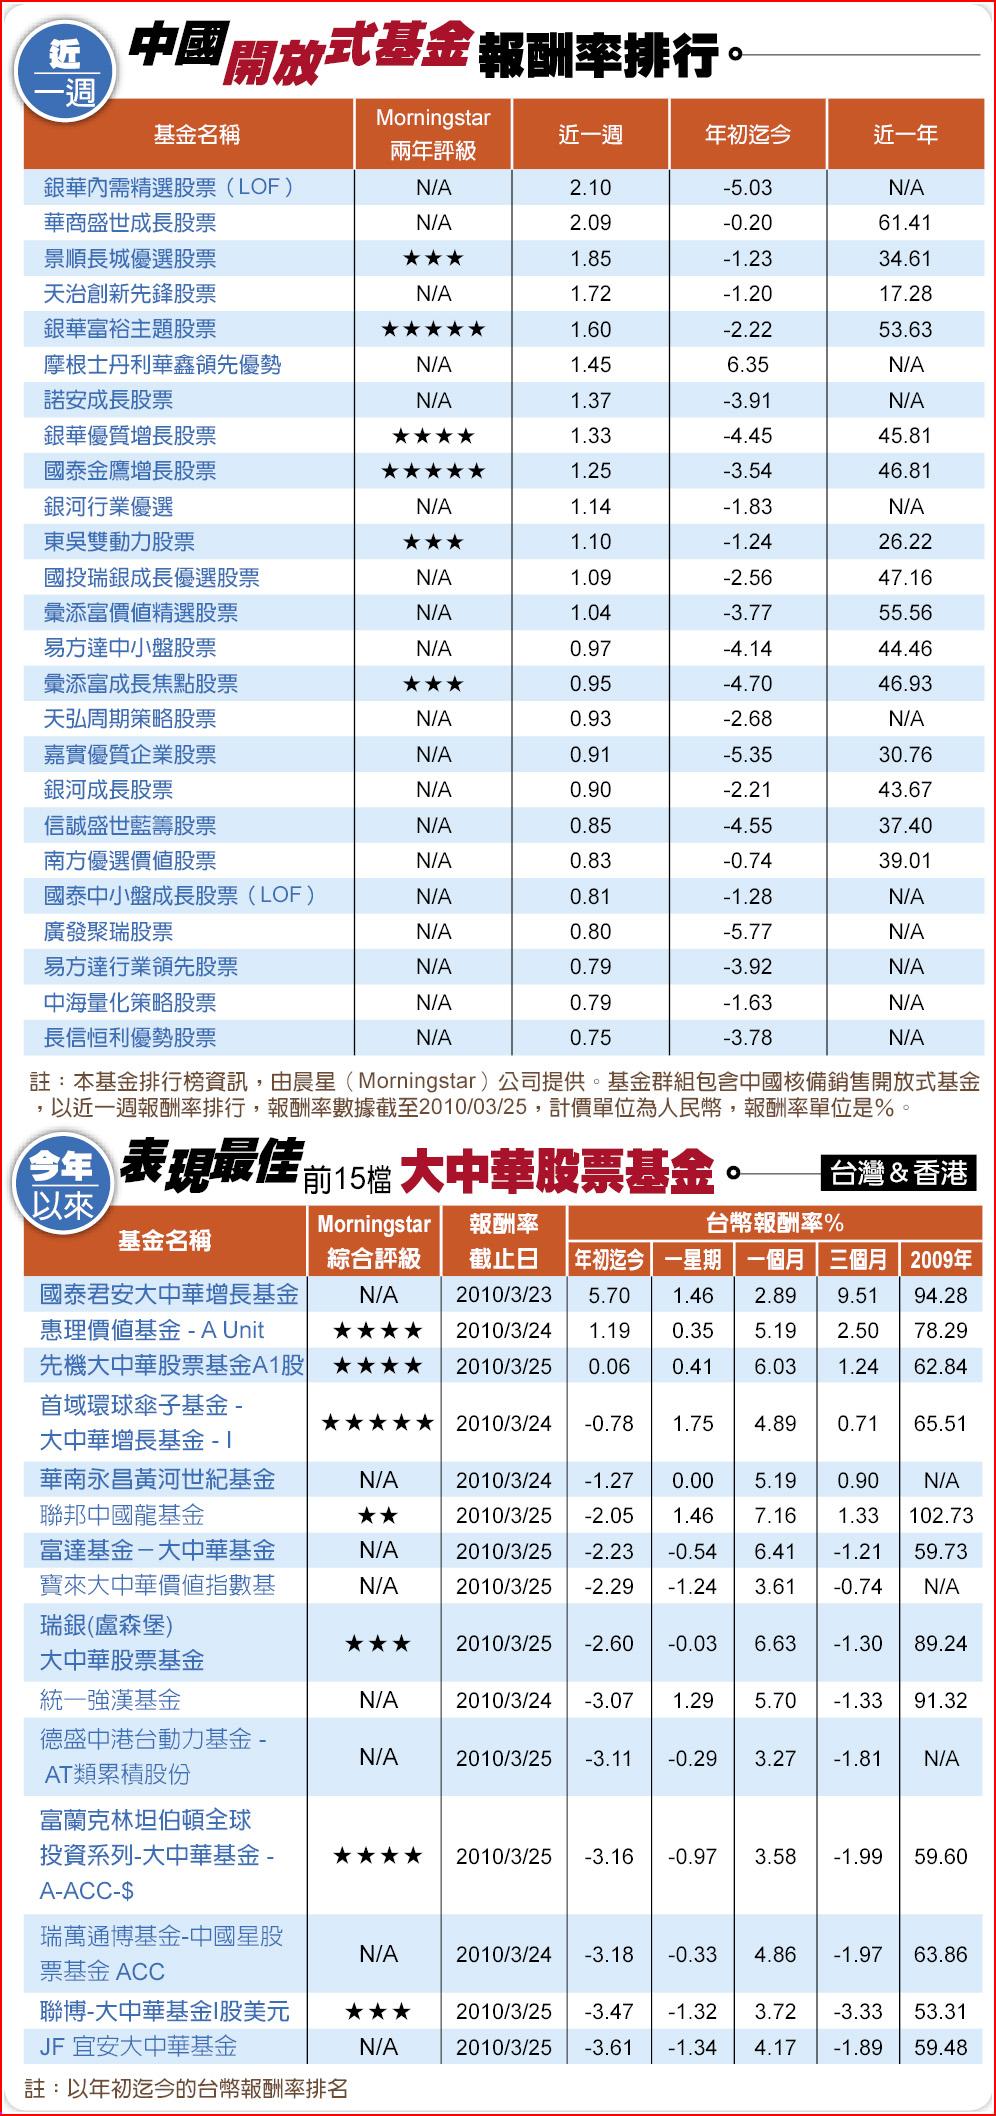 中國開放式基金報酬率排行